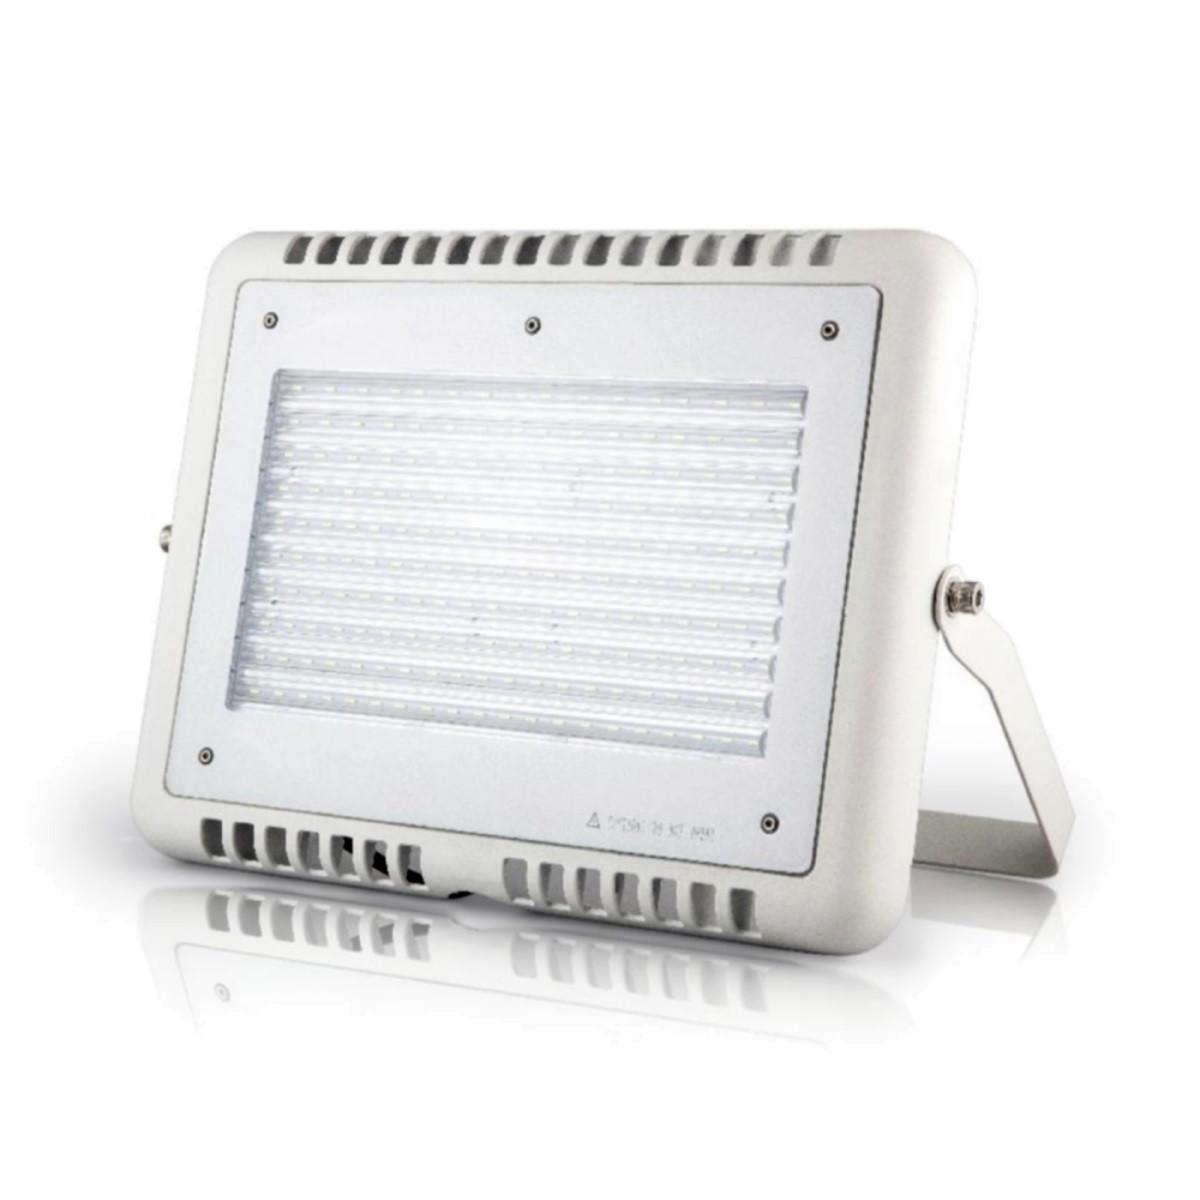 Прожектор светодиодный ЕВРОСВЕТ EV-50-01 FLASH 50Вт 4500Лм IP65 6400К 165-265В (000040906)